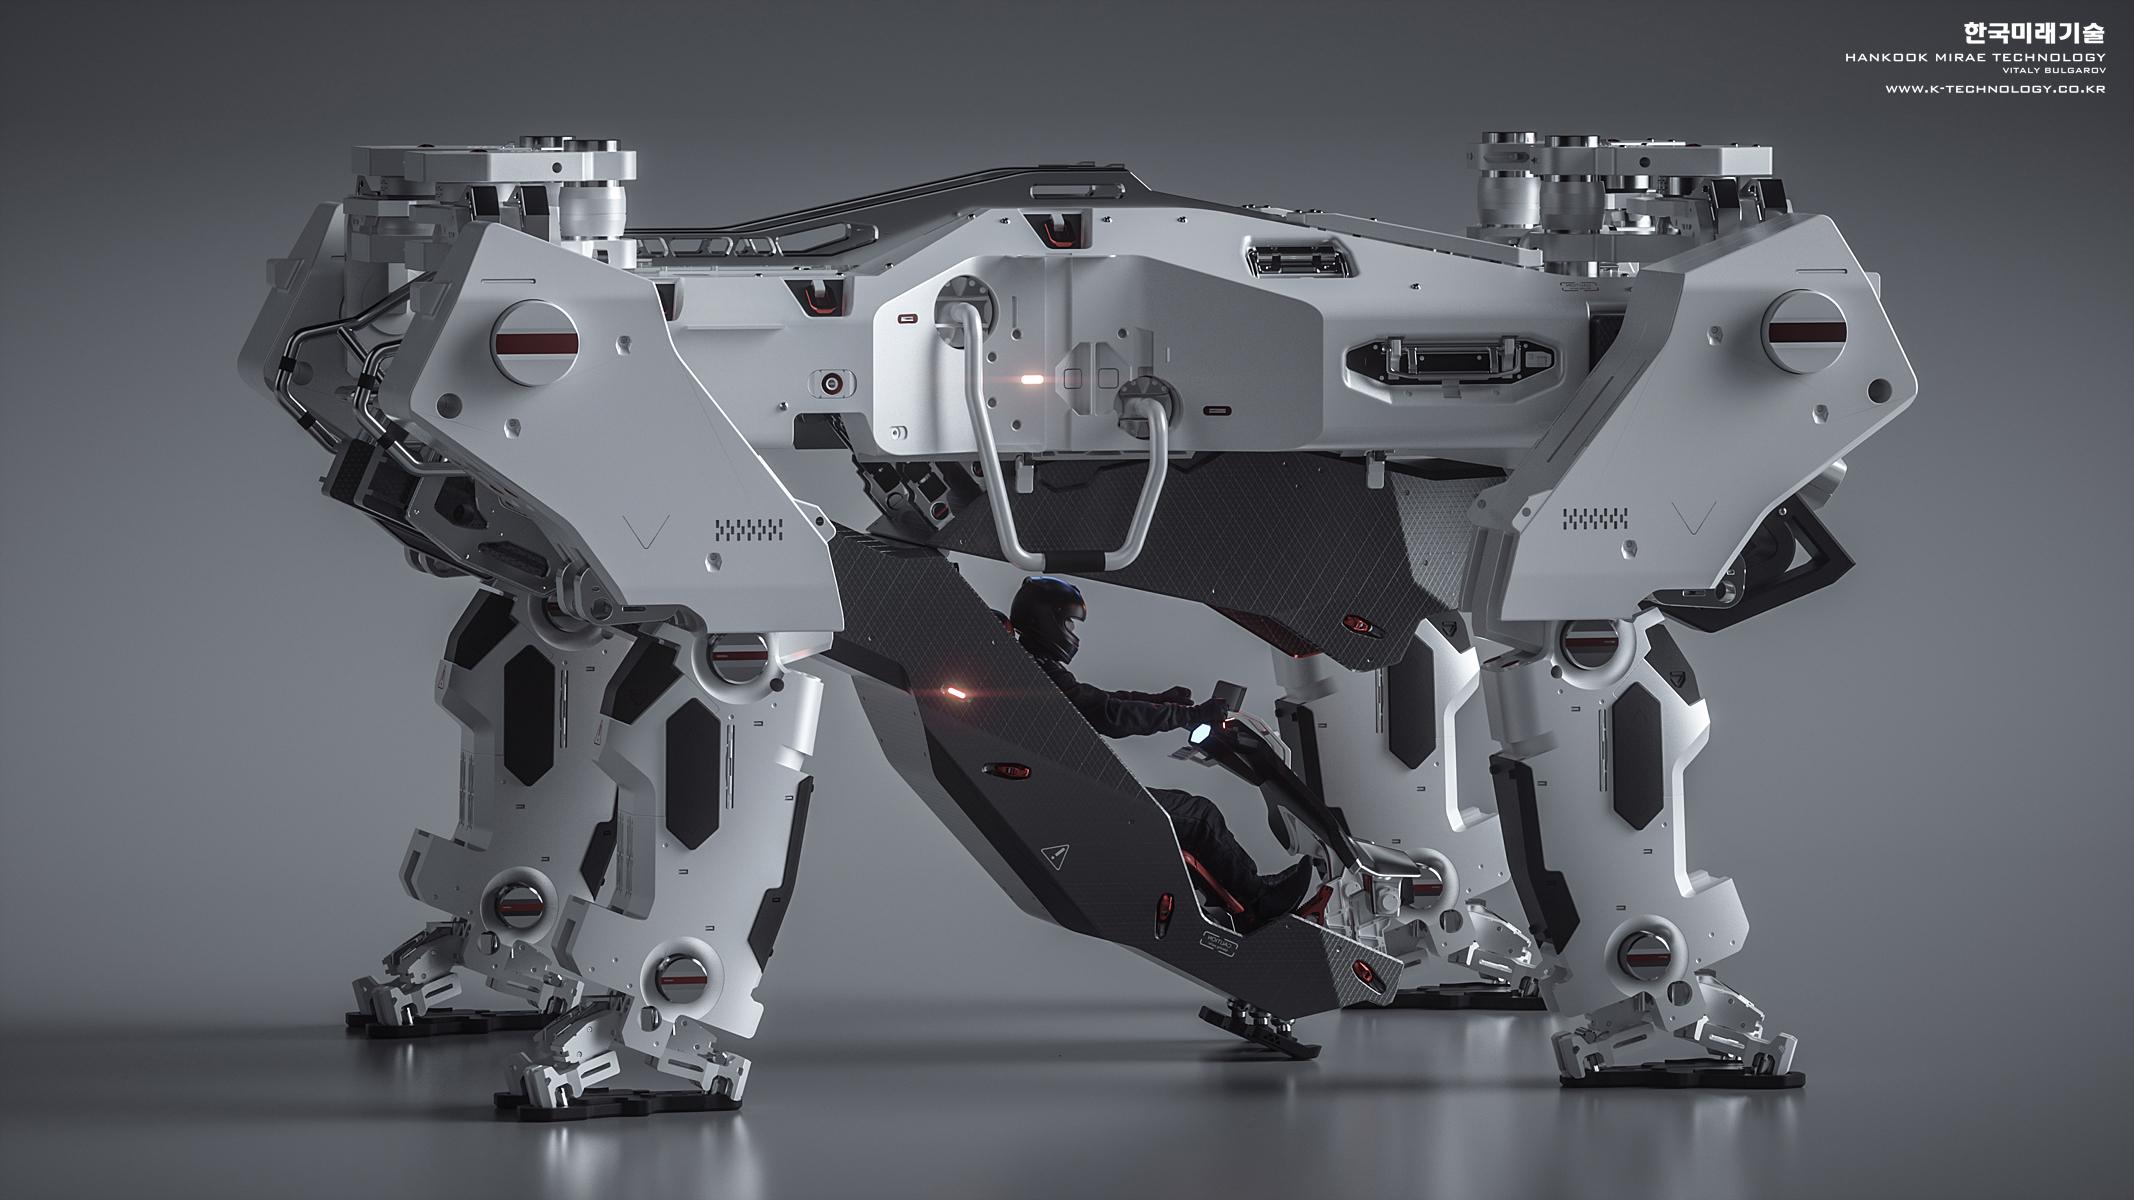 04_KFT_4LeggedRobot_FullView_01.jpg